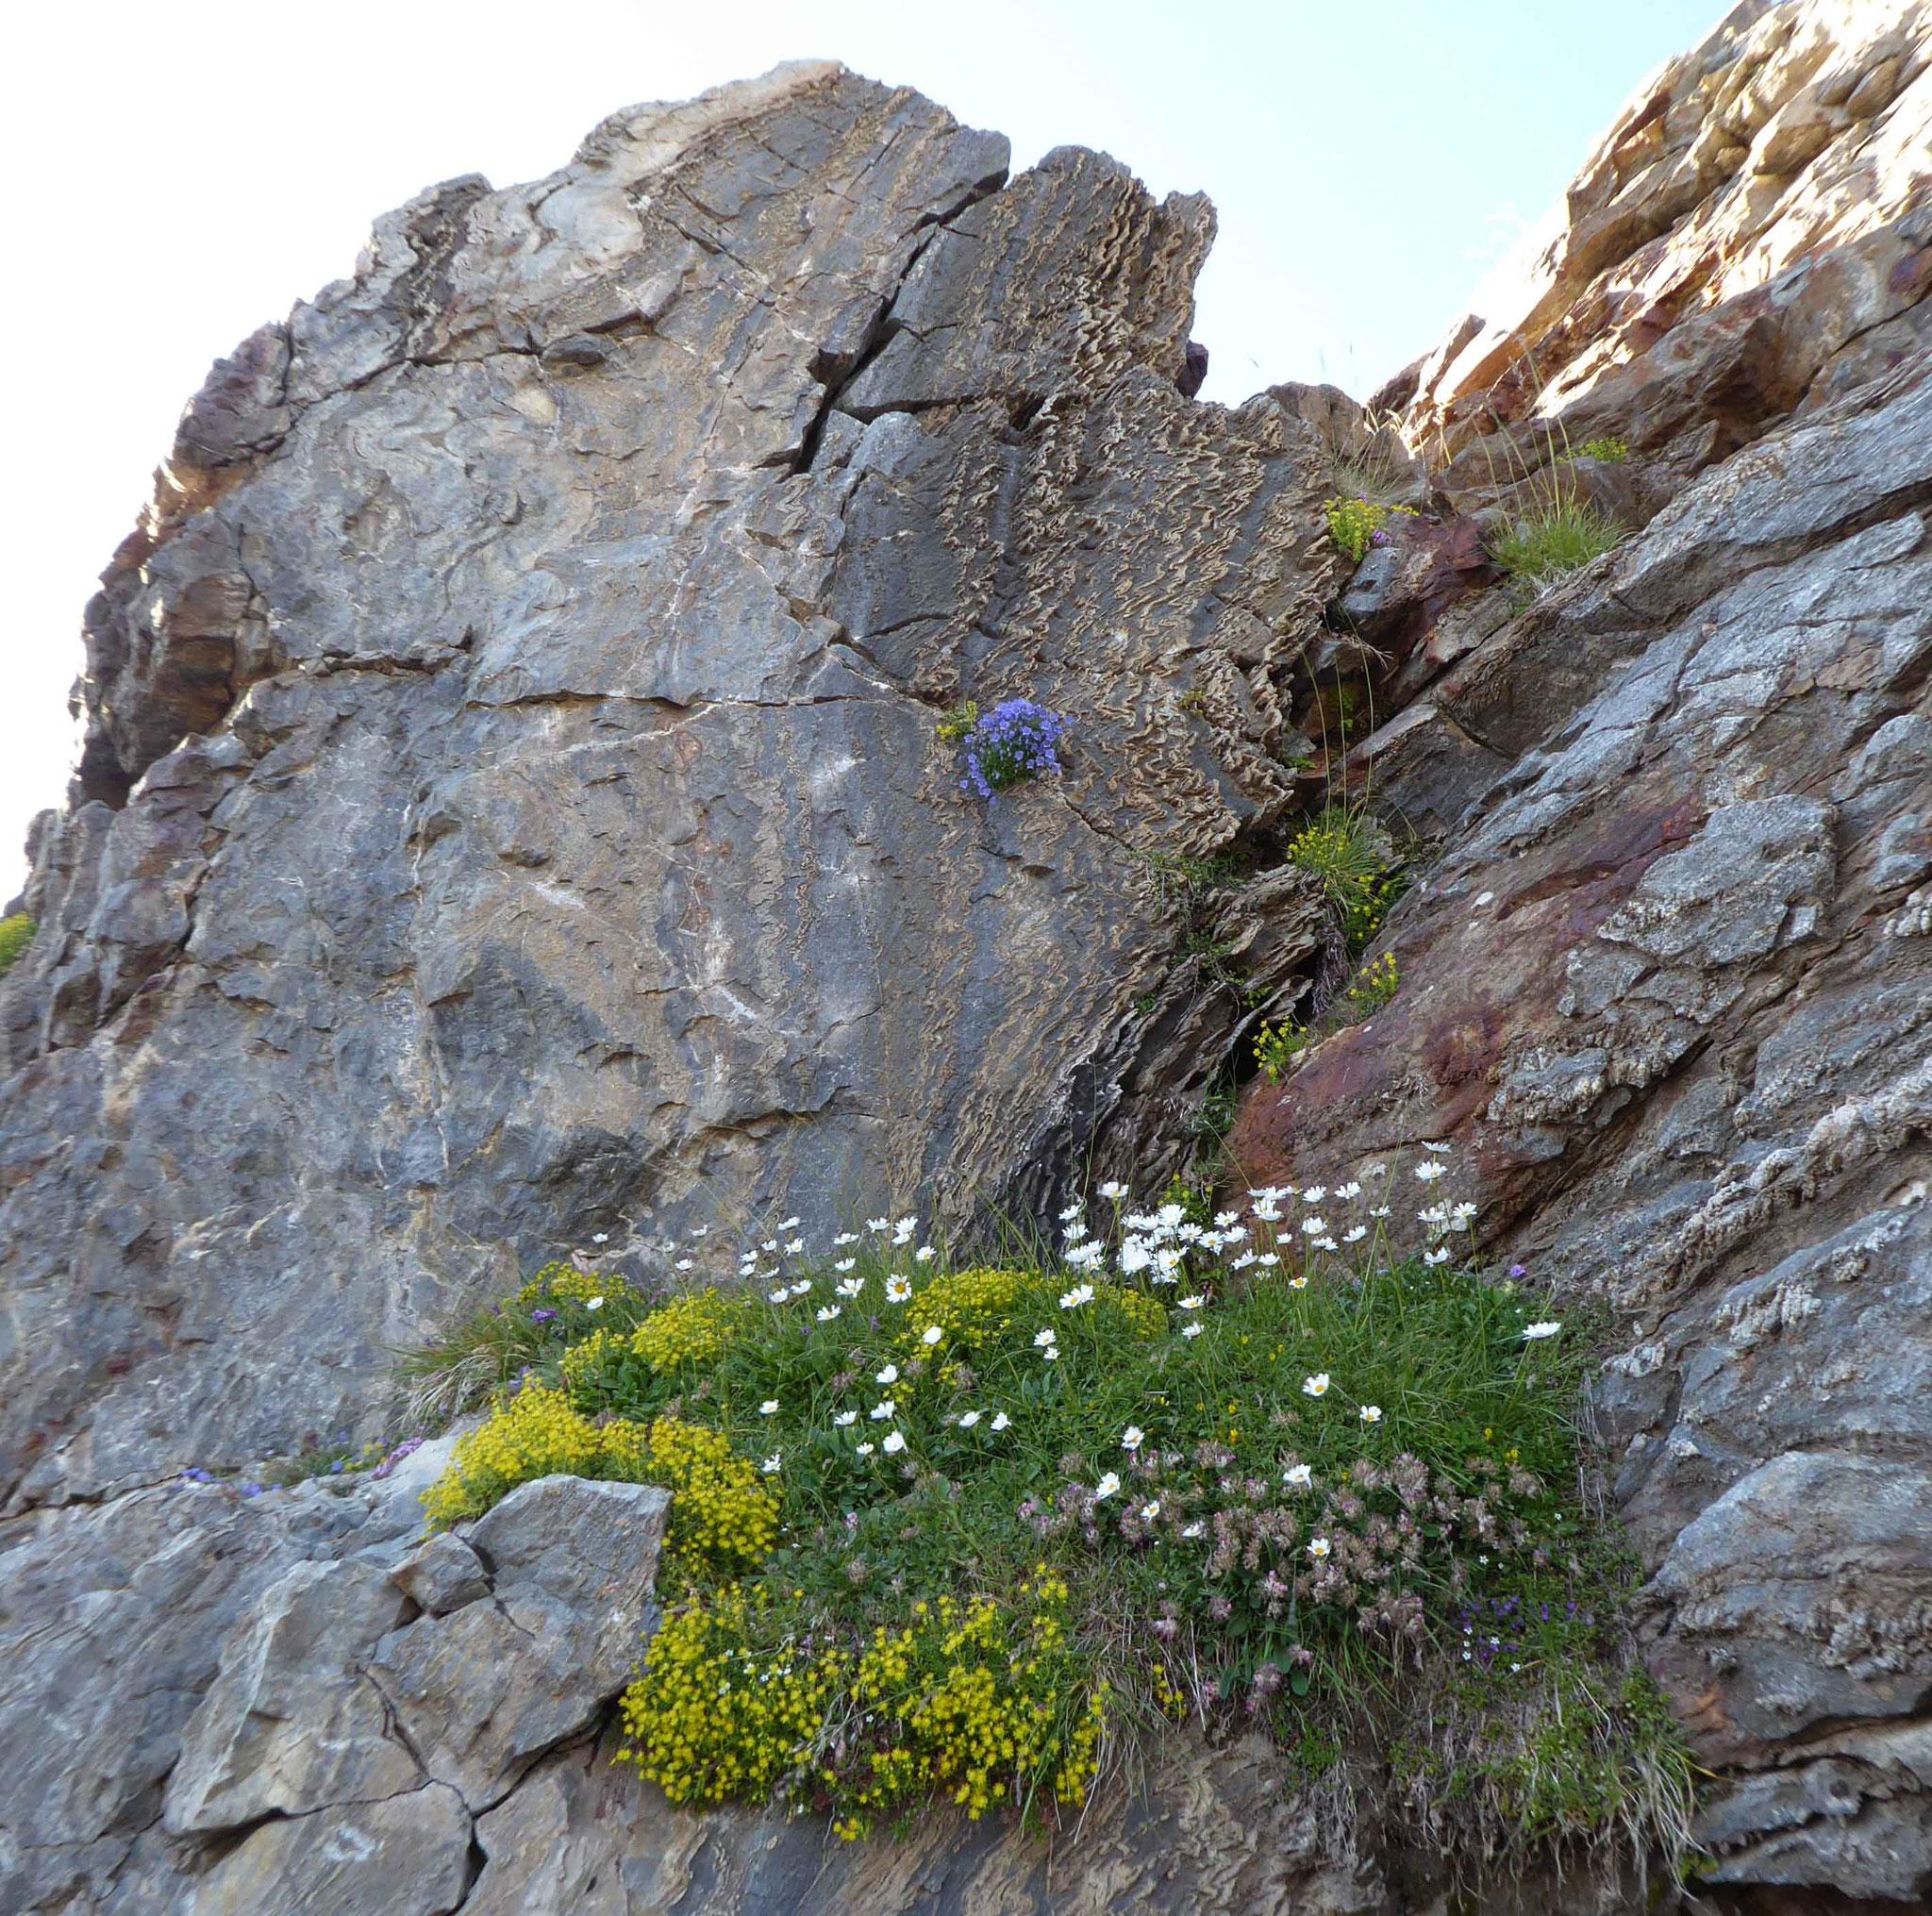 Quand la flore et la roche s'imbriquent l'une à l'autre...